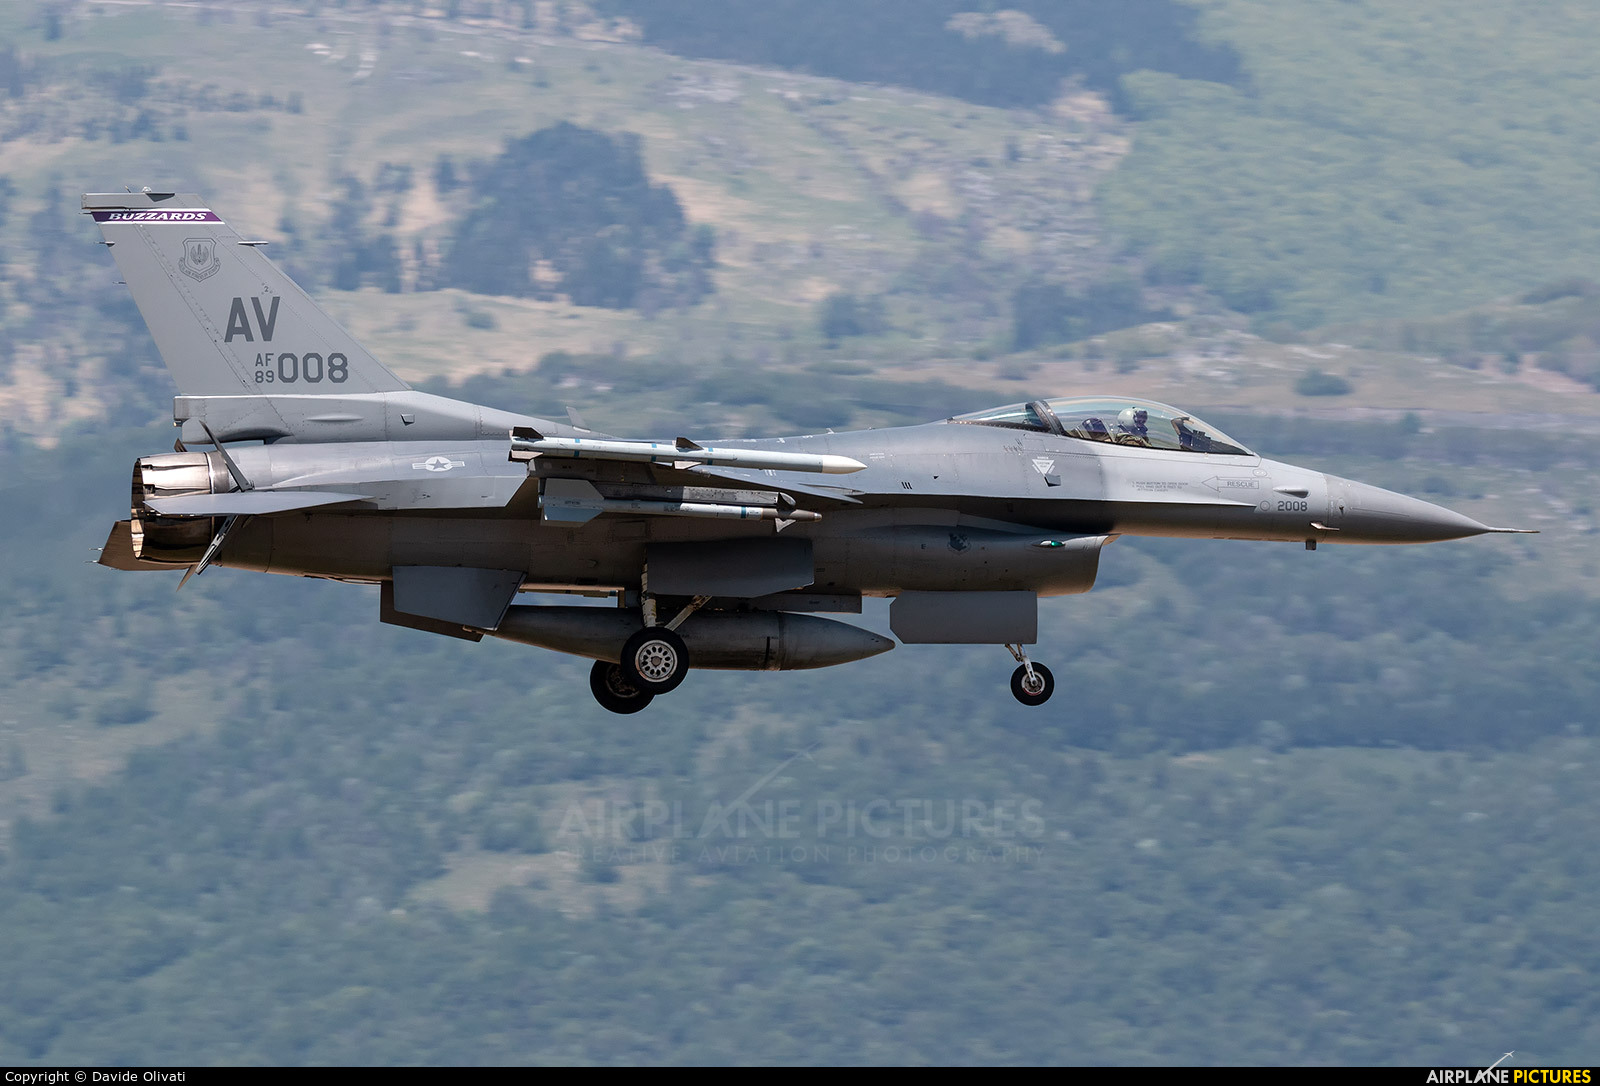 USA - Air Force 89-2008 aircraft at Aviano